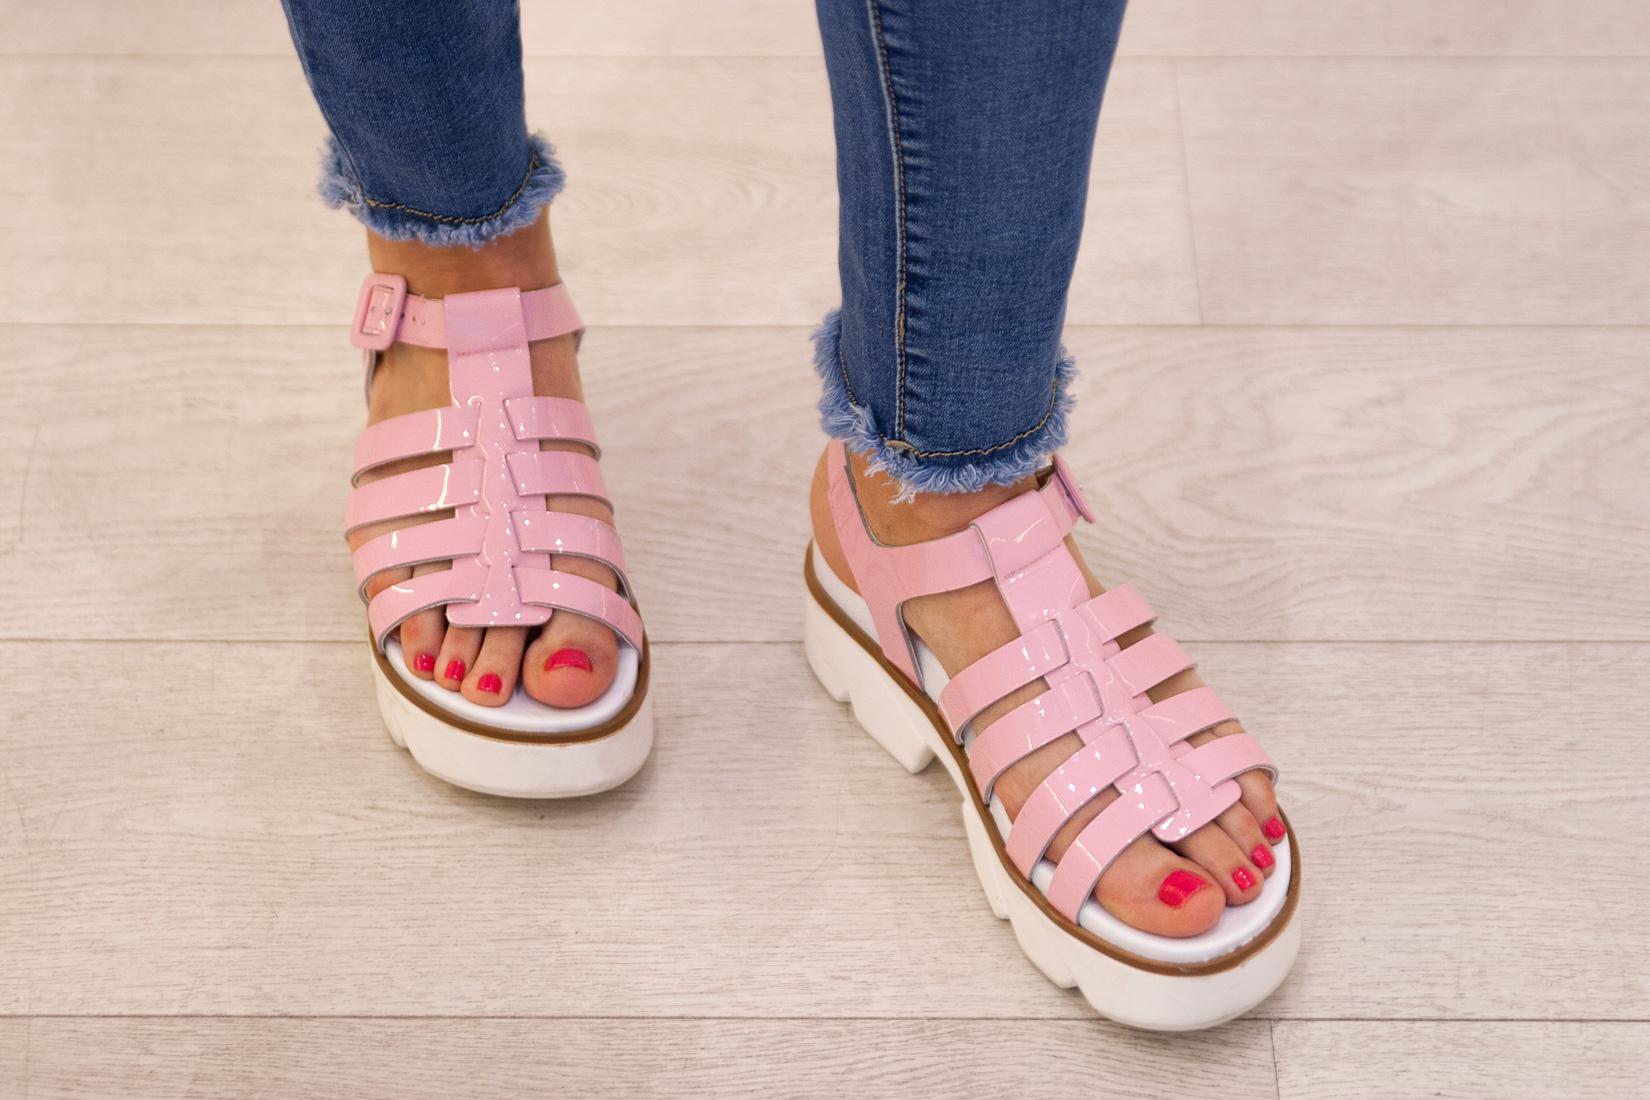 Calzado de la zapatería Ainhoa Etxeberria-The Shoe Boutique.